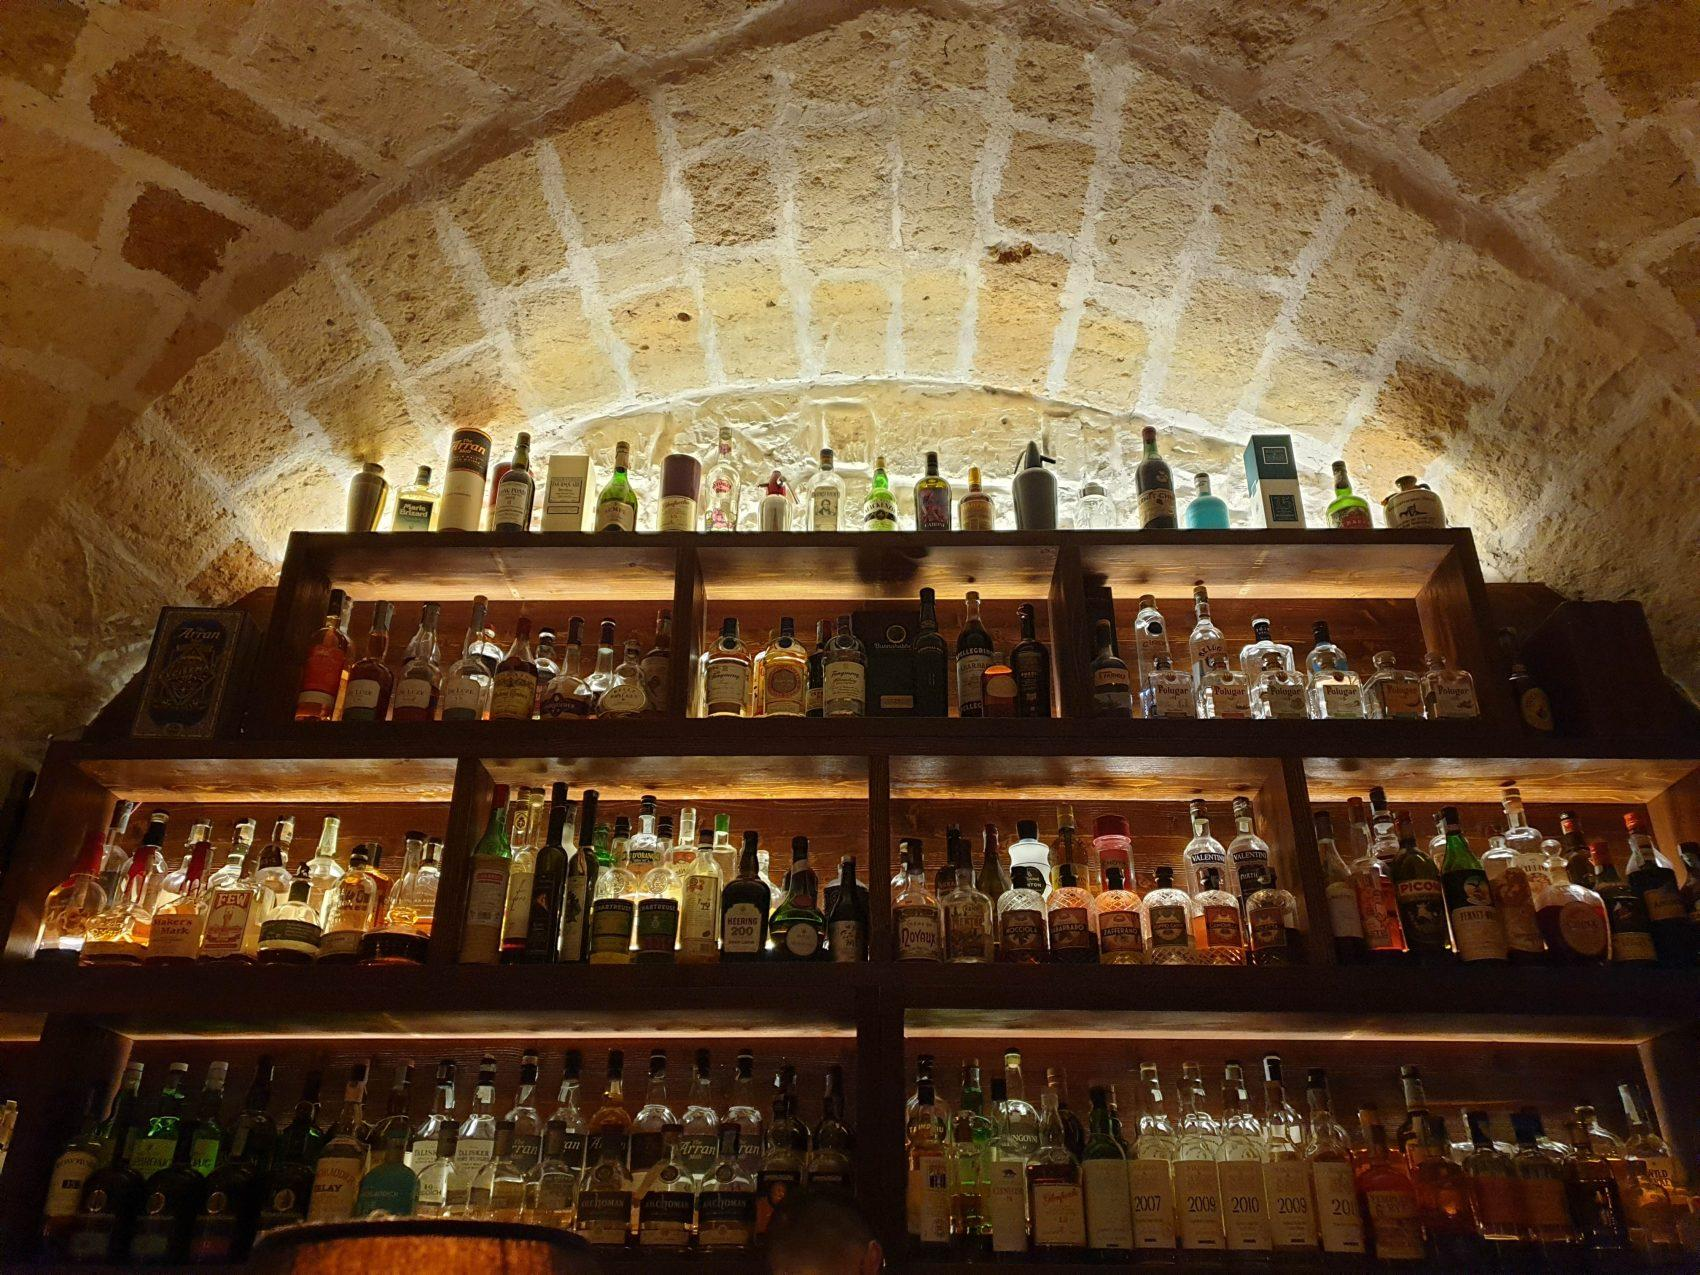 Laurus bar, Lecce, Pouilles, Italie